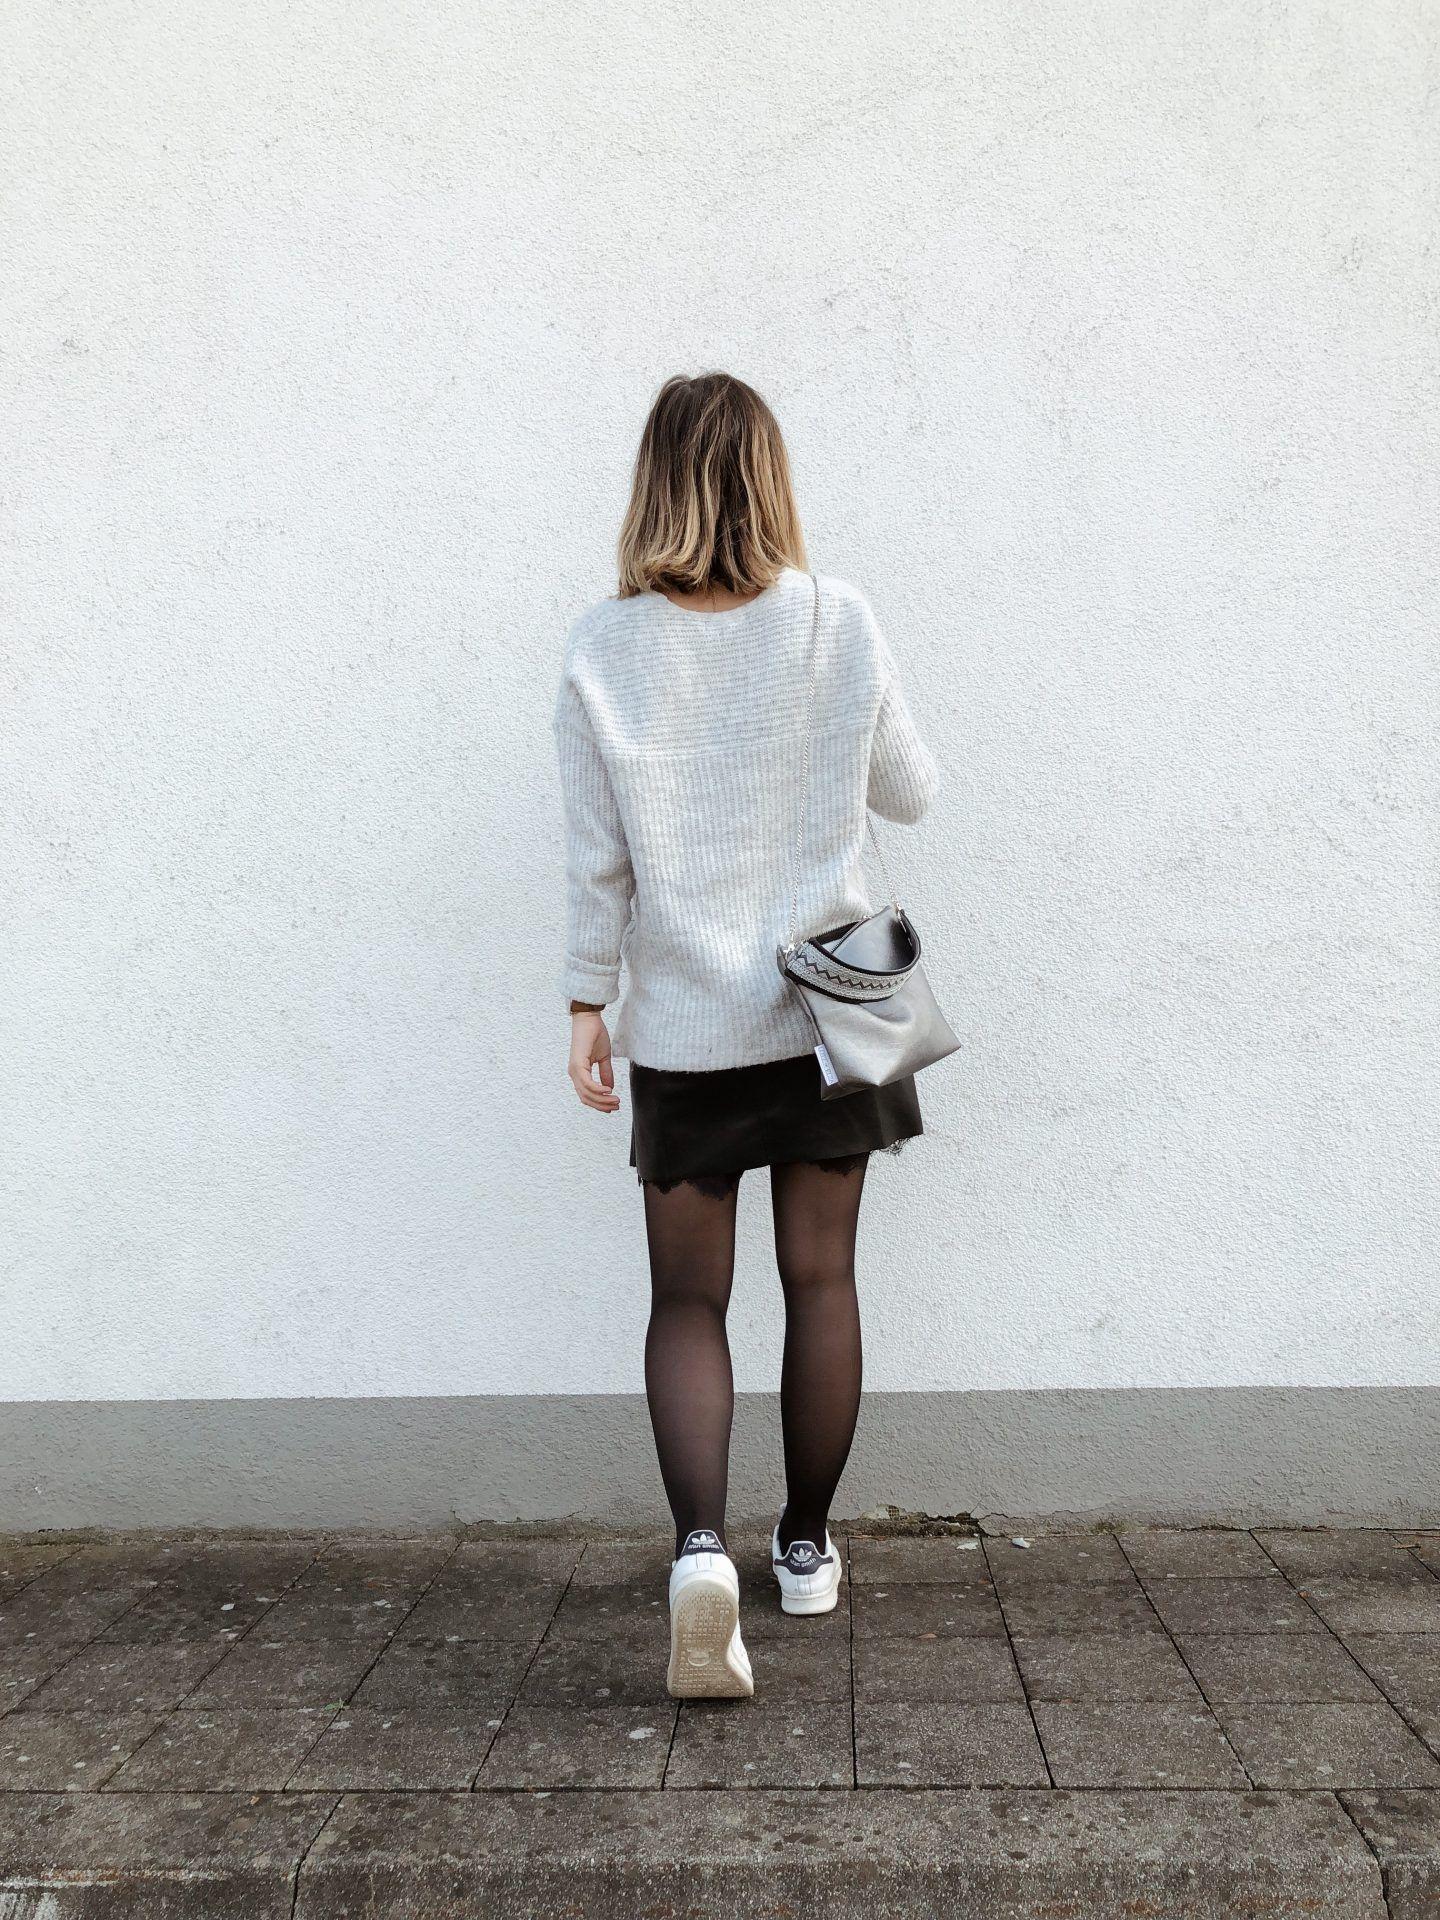 Kuschelig unterwegs! Outfit Tipps | Outfit, Modestil